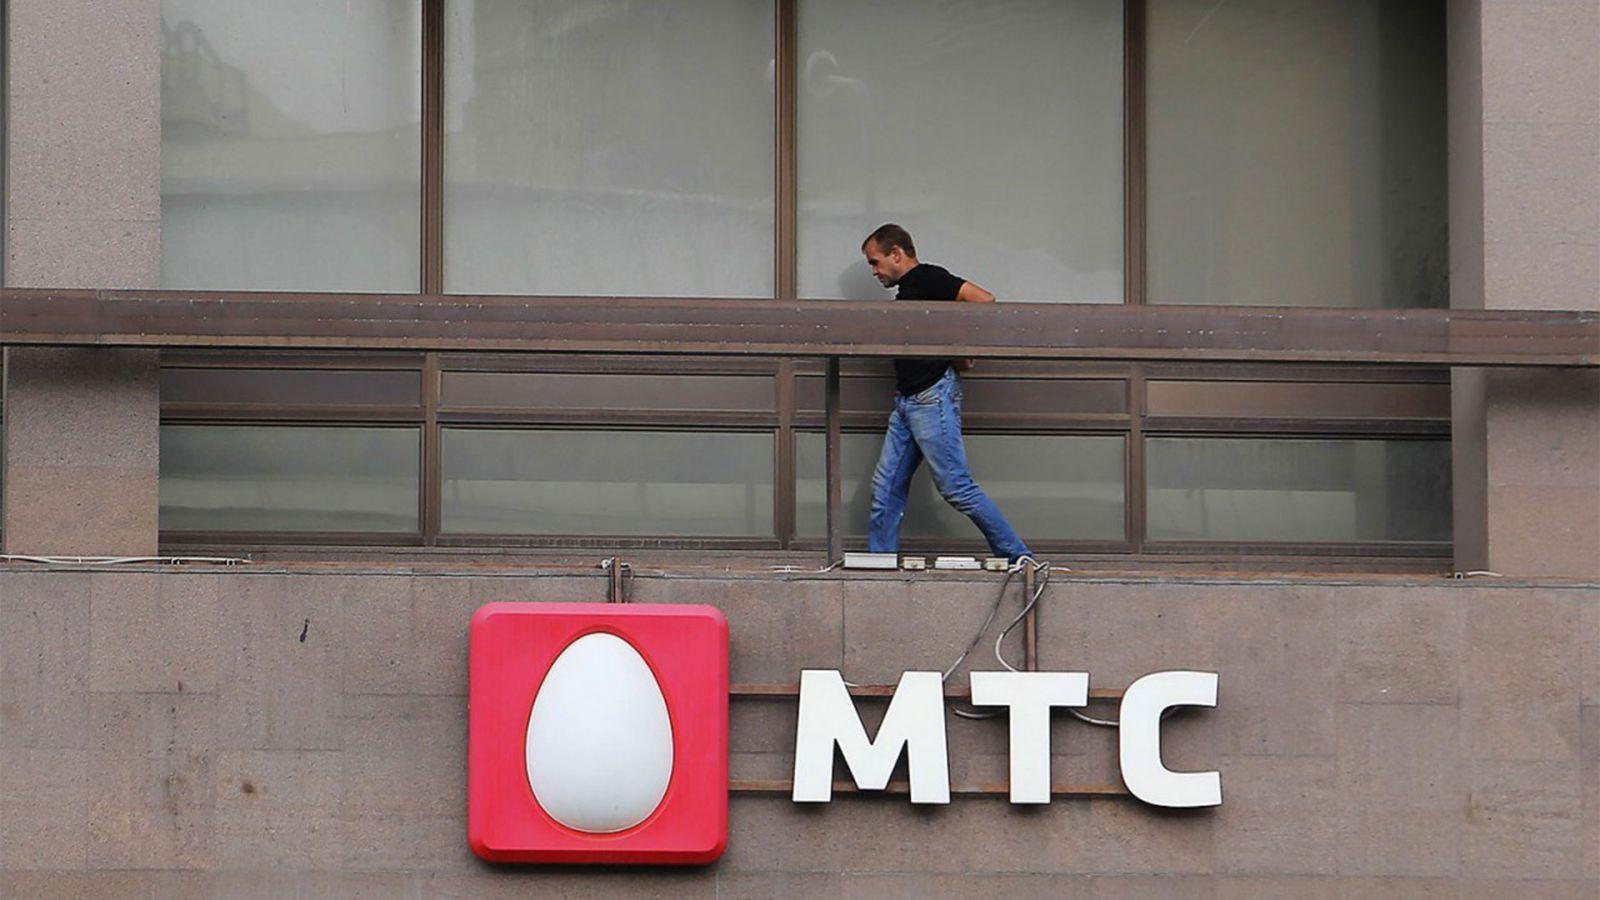 МТС получила лицензию на использование 5G (fakty moshennichestva so storony mts. otzy vy postradavshih)